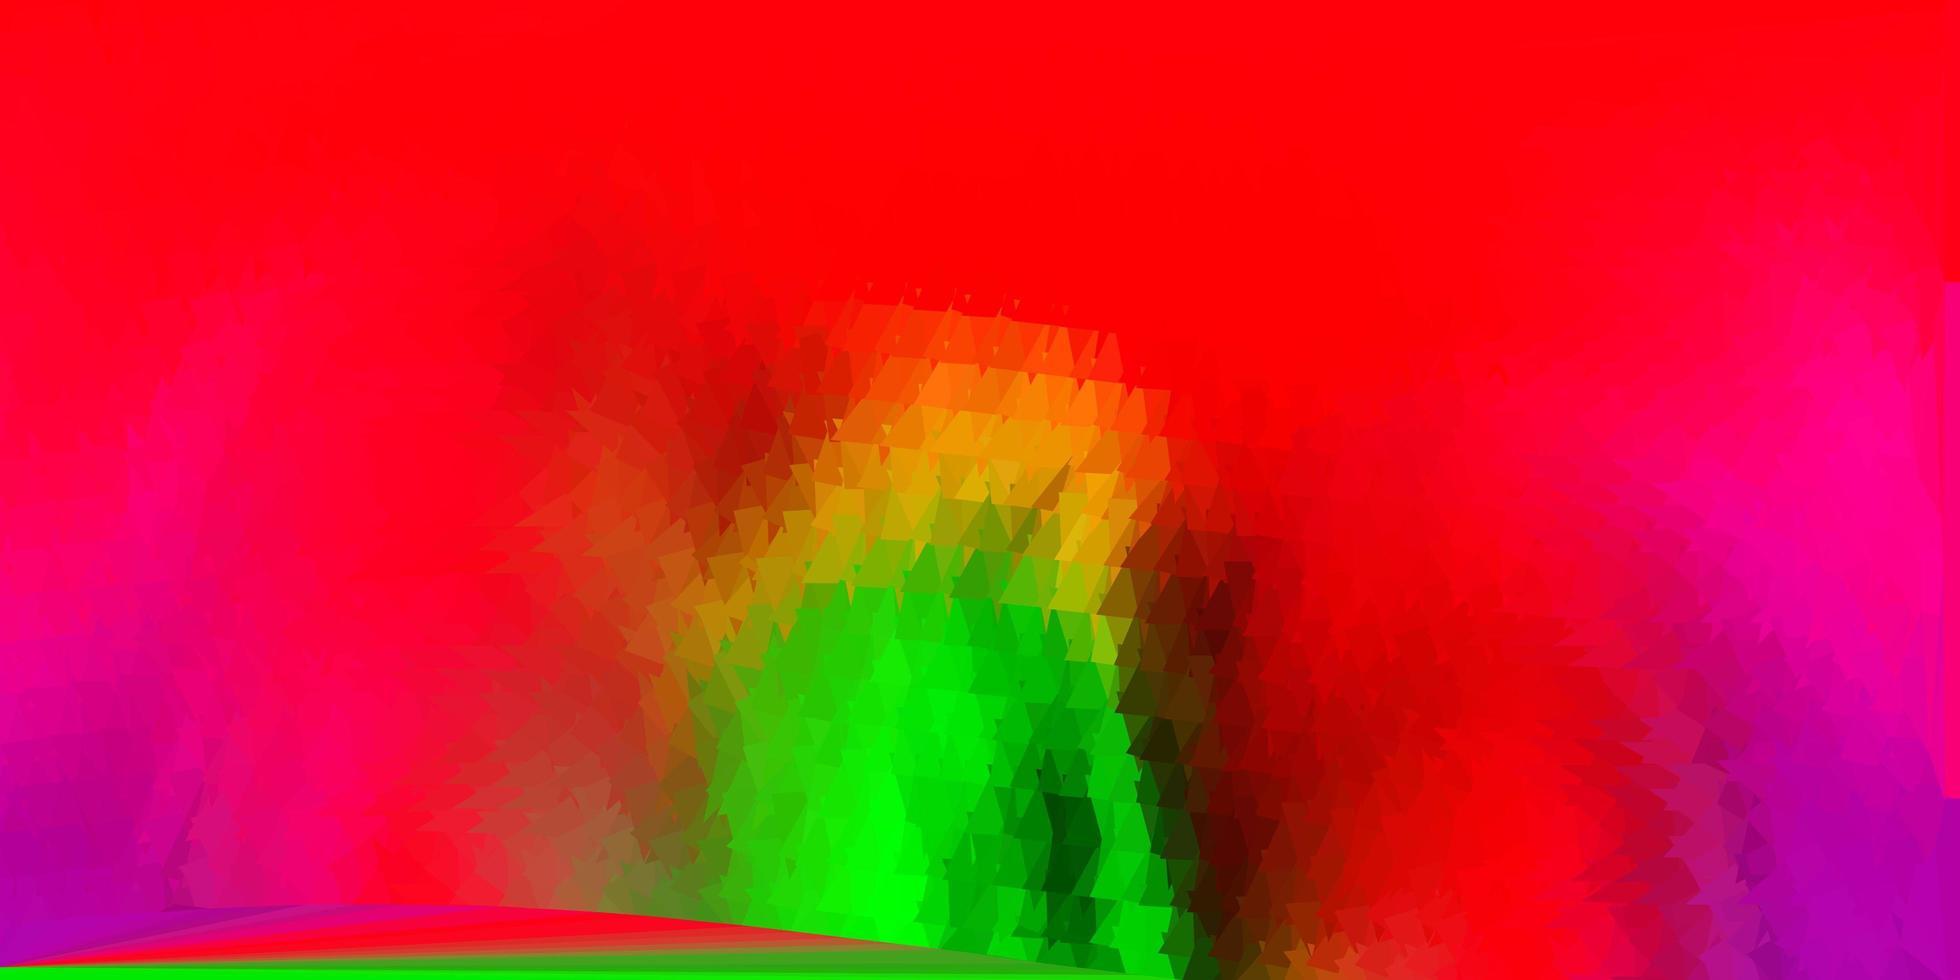 fond polygonale de vecteur rose clair, vert.